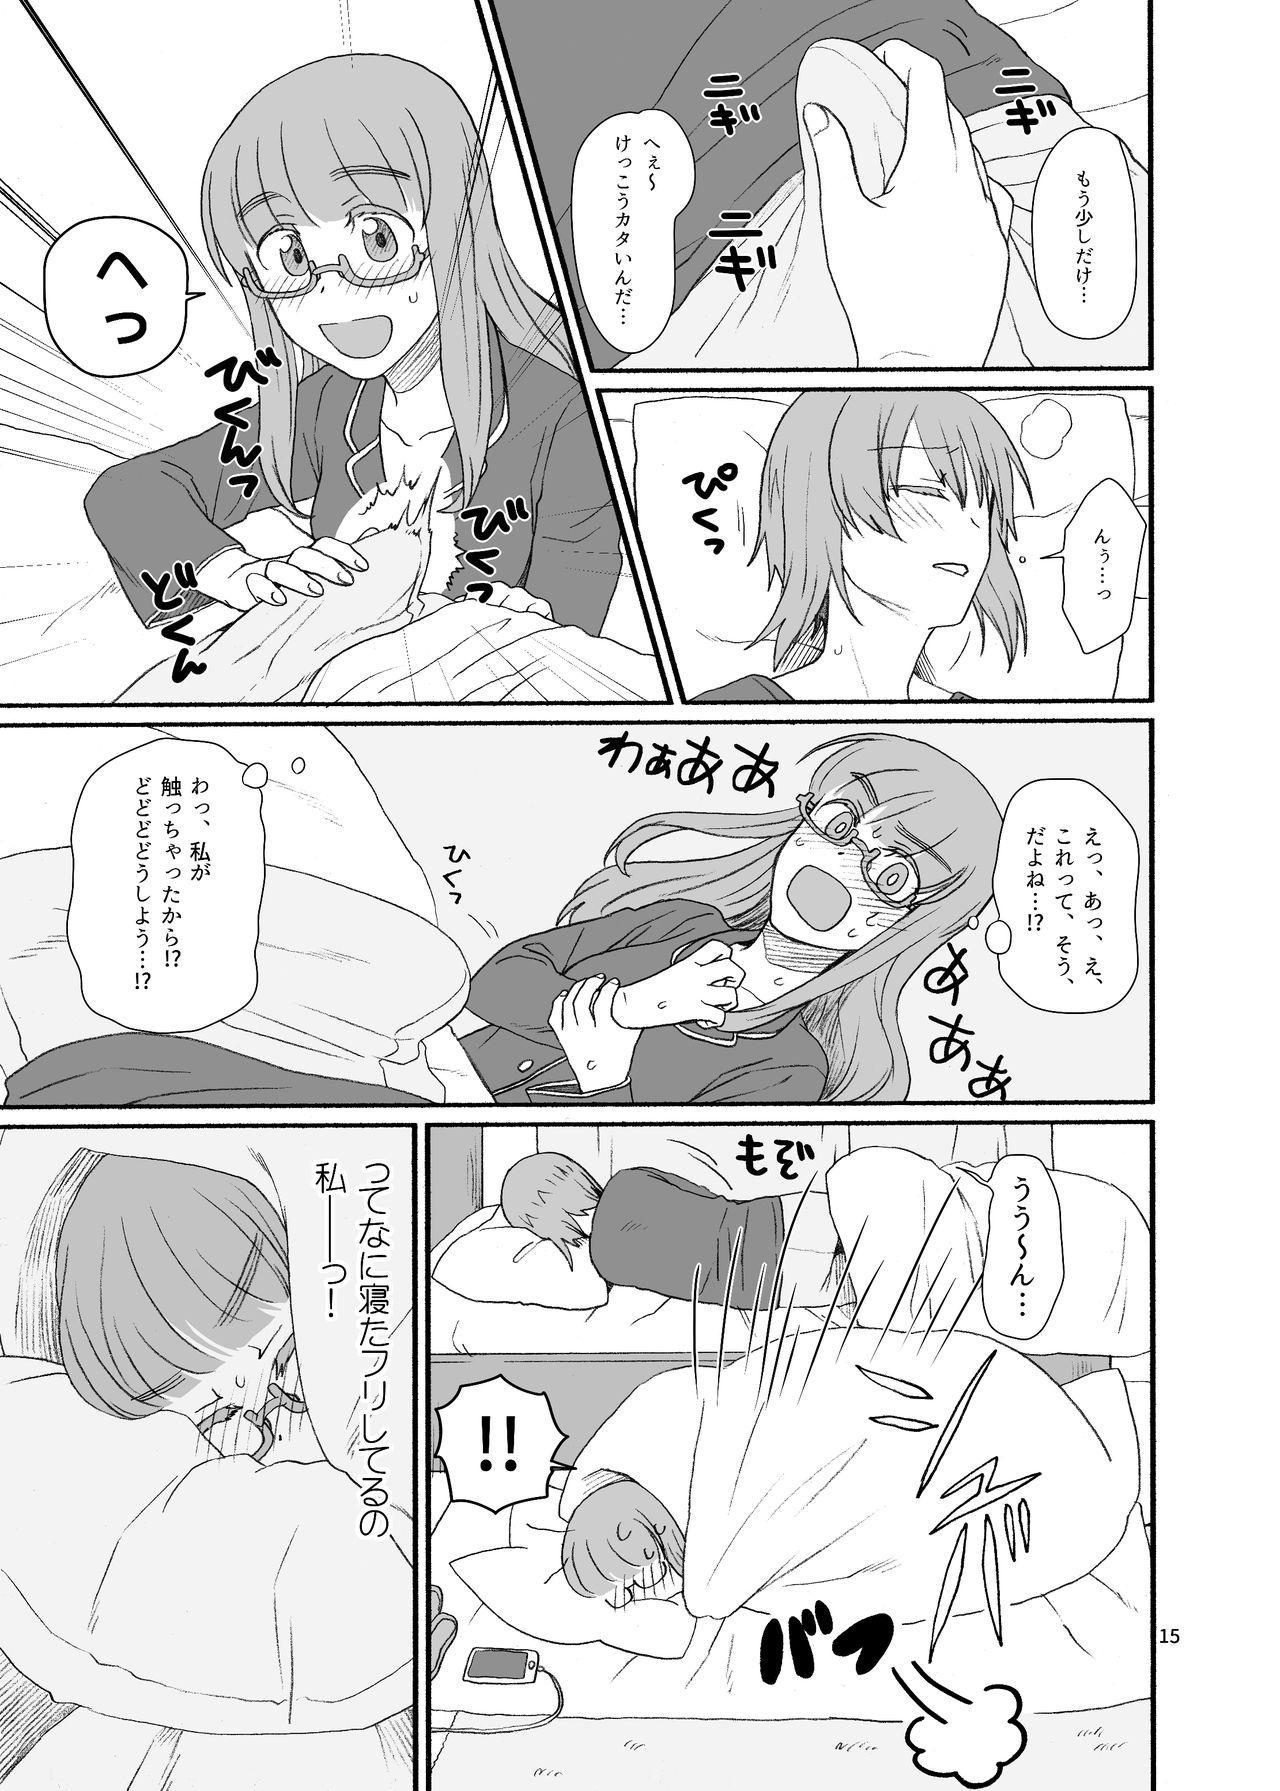 Saori-san, Tsukiatte Kudasai! 13